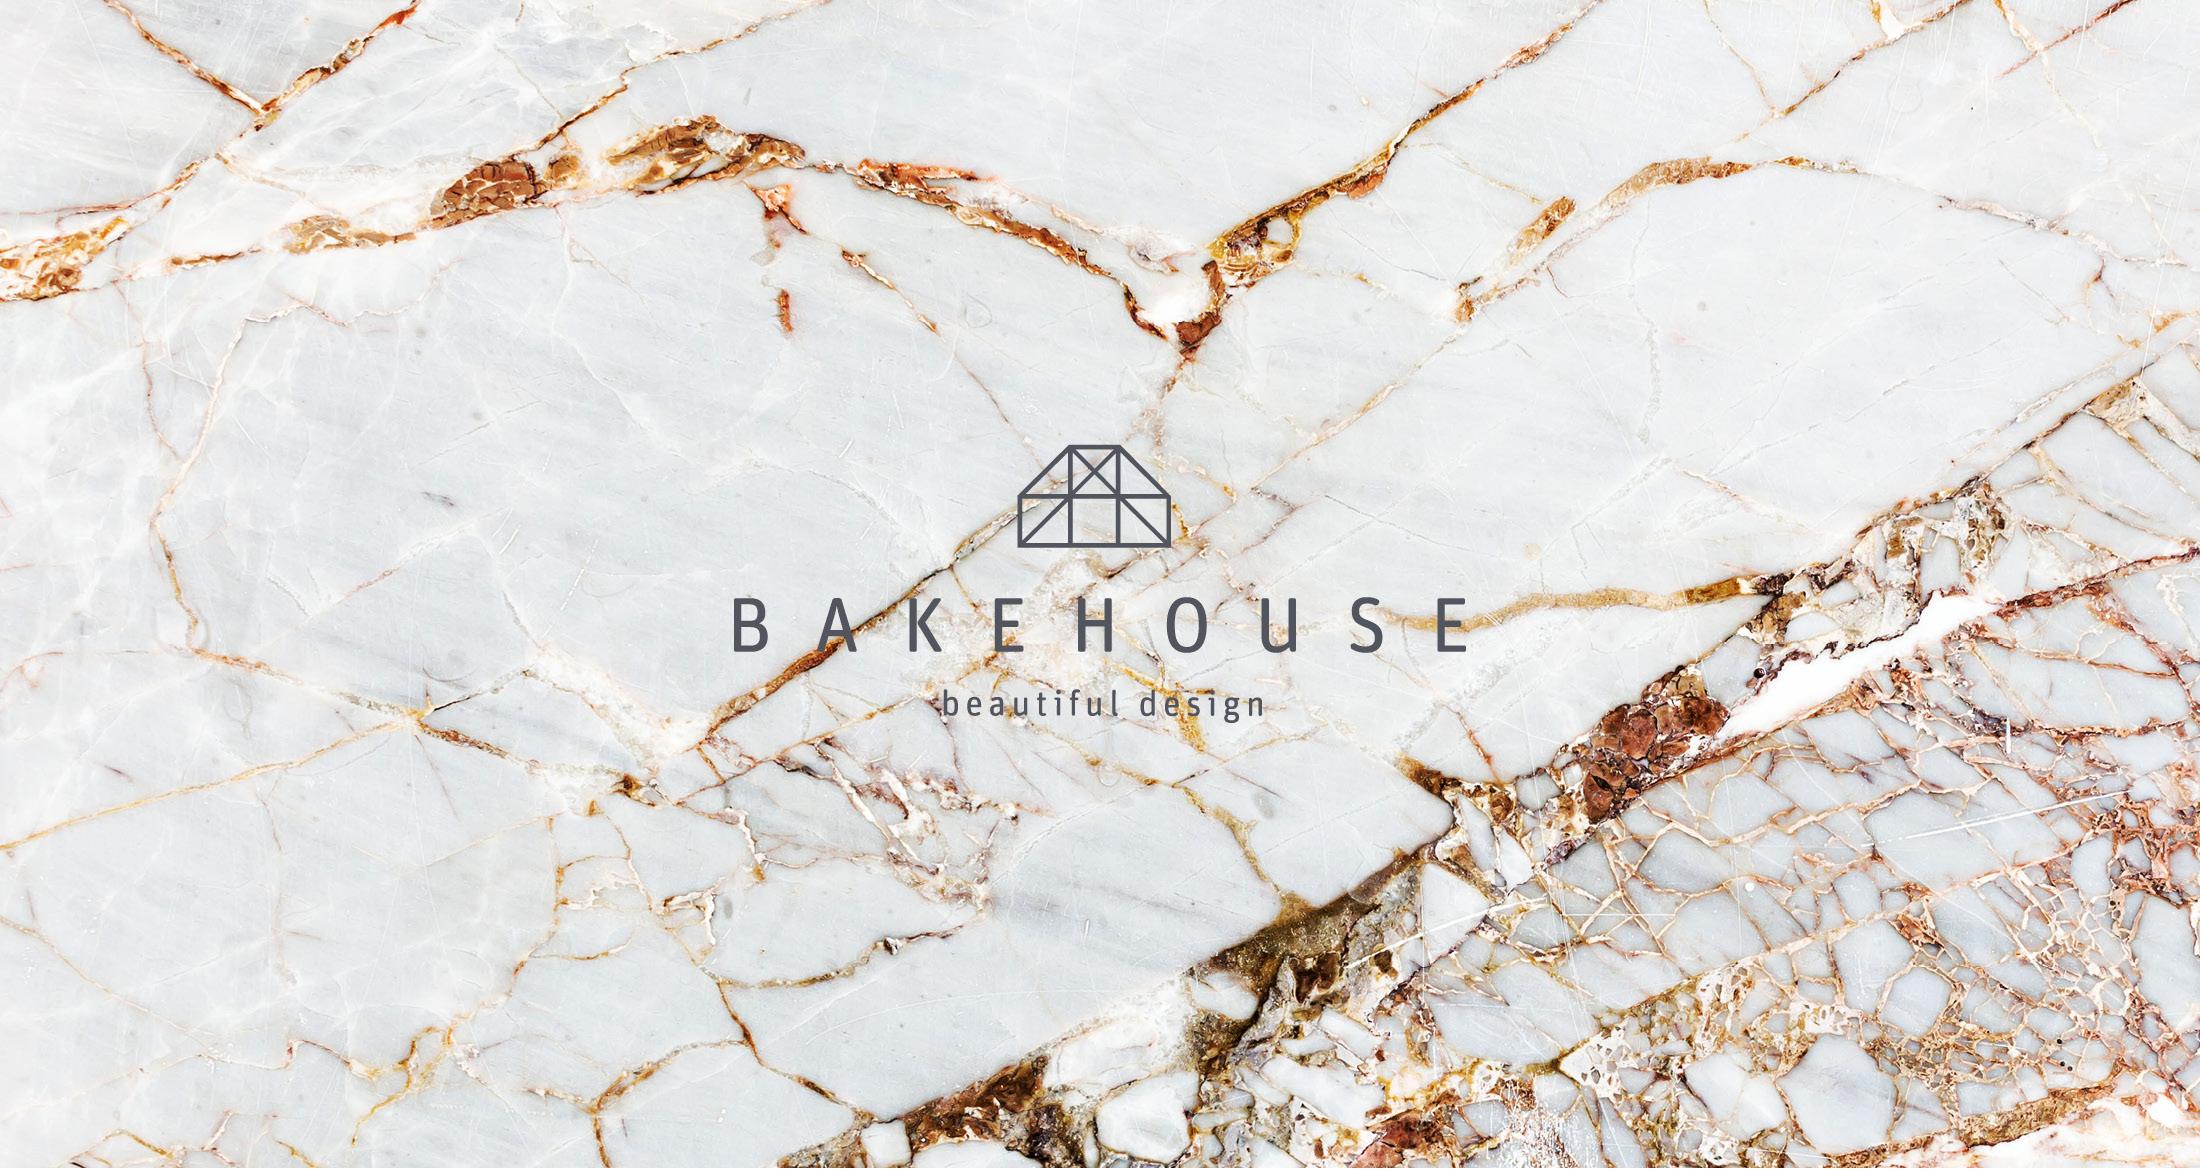 Bakehouse_Images.jpg